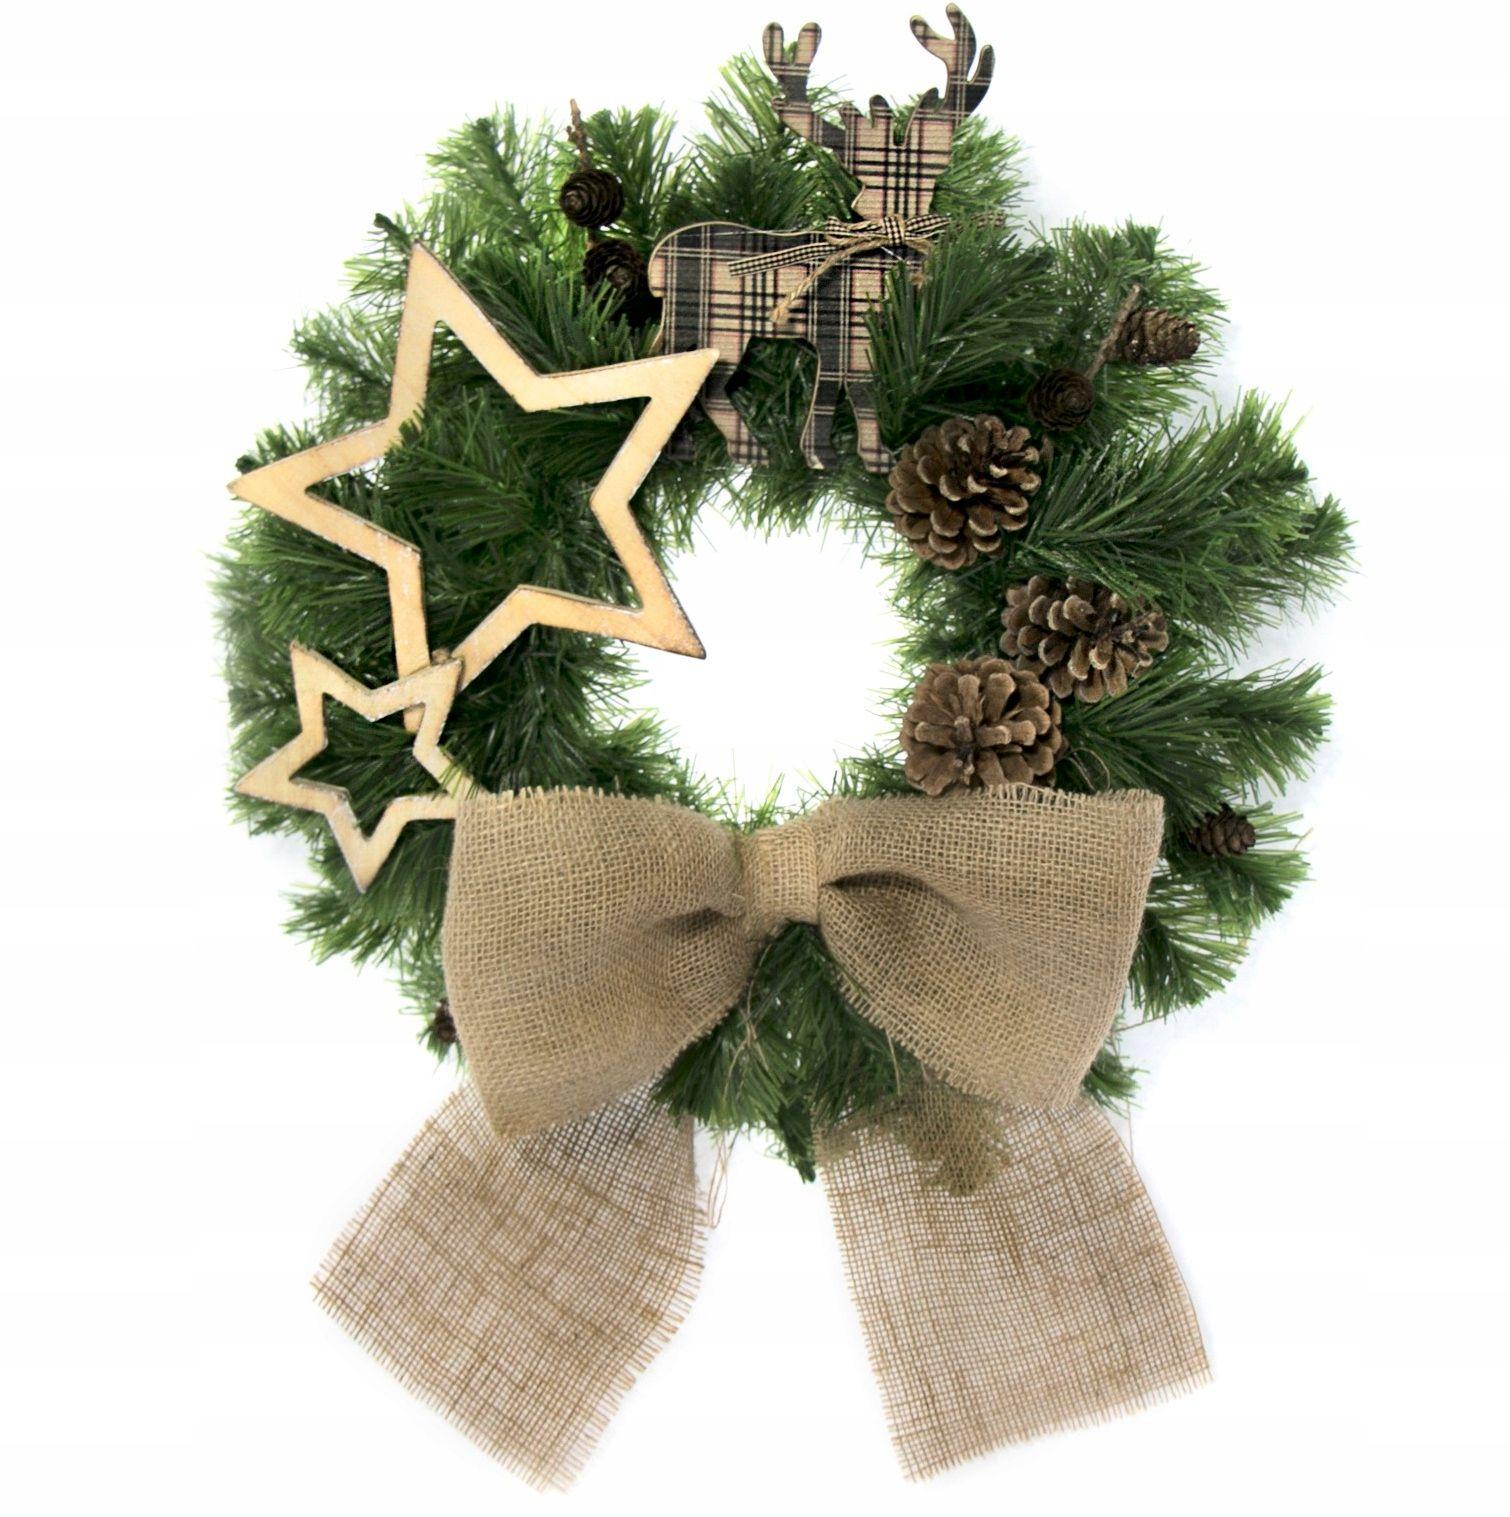 Wianek Swiateczny Dekoracja Stroik 45cm Wm 052 7657893990 Oficjalne Archiwum Allegro Christmas Decorations Christmas Wreaths Christmas Ornaments